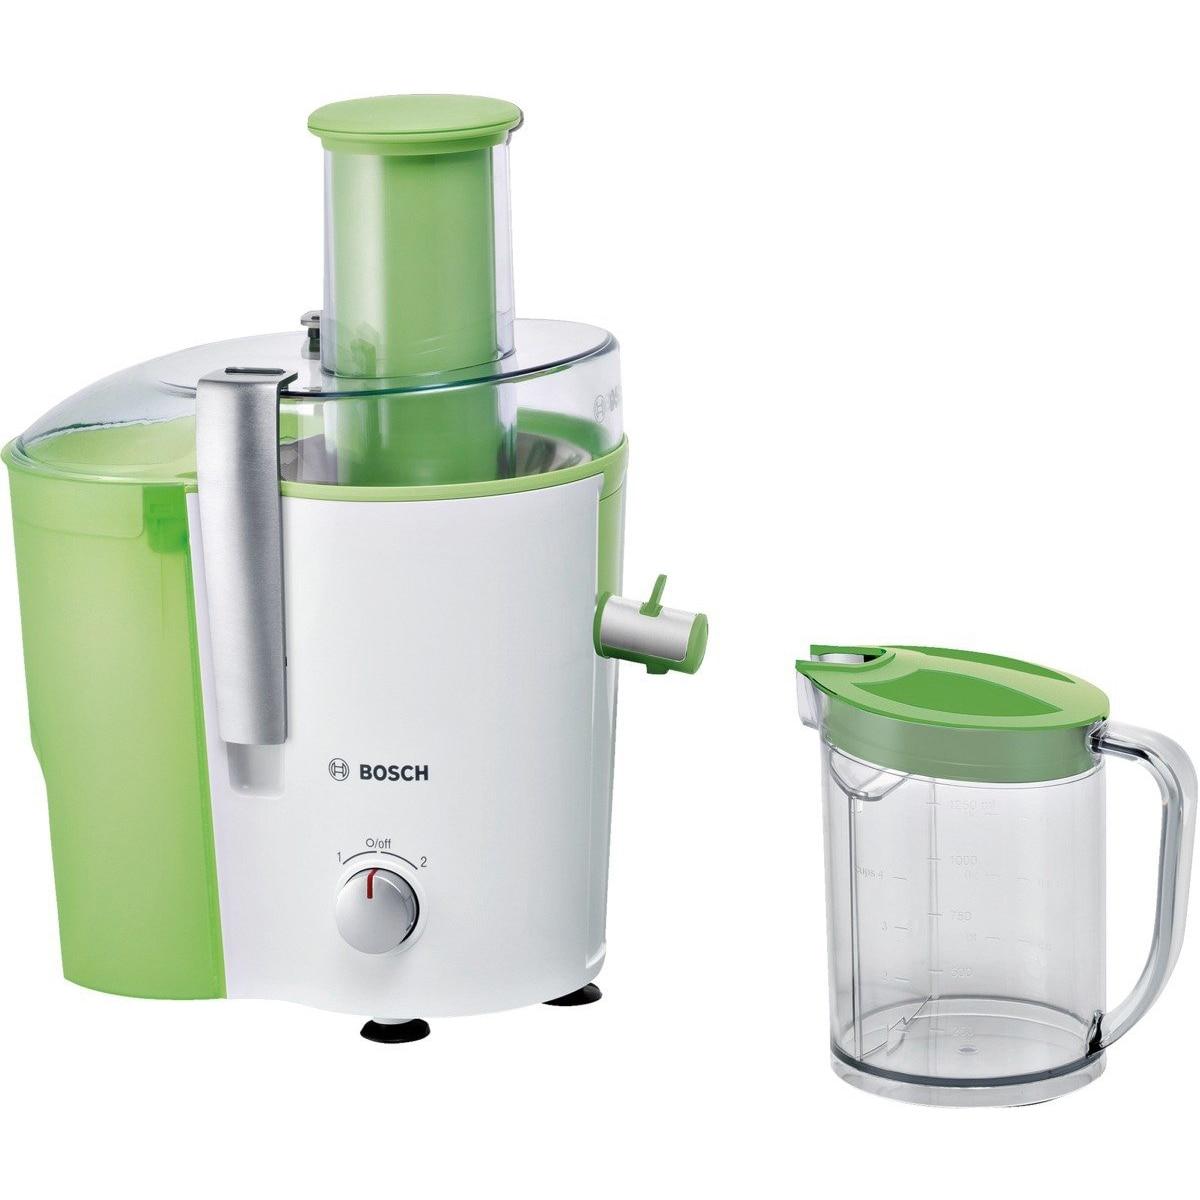 Fotografie Storcator de fructe si legume Bosch MES25G0, 700 W, Recipient suc 1.25 l, Recipient pulpa 2 l, 2 Viteze, Tub de alimentare 73 mm, Alb/Verde